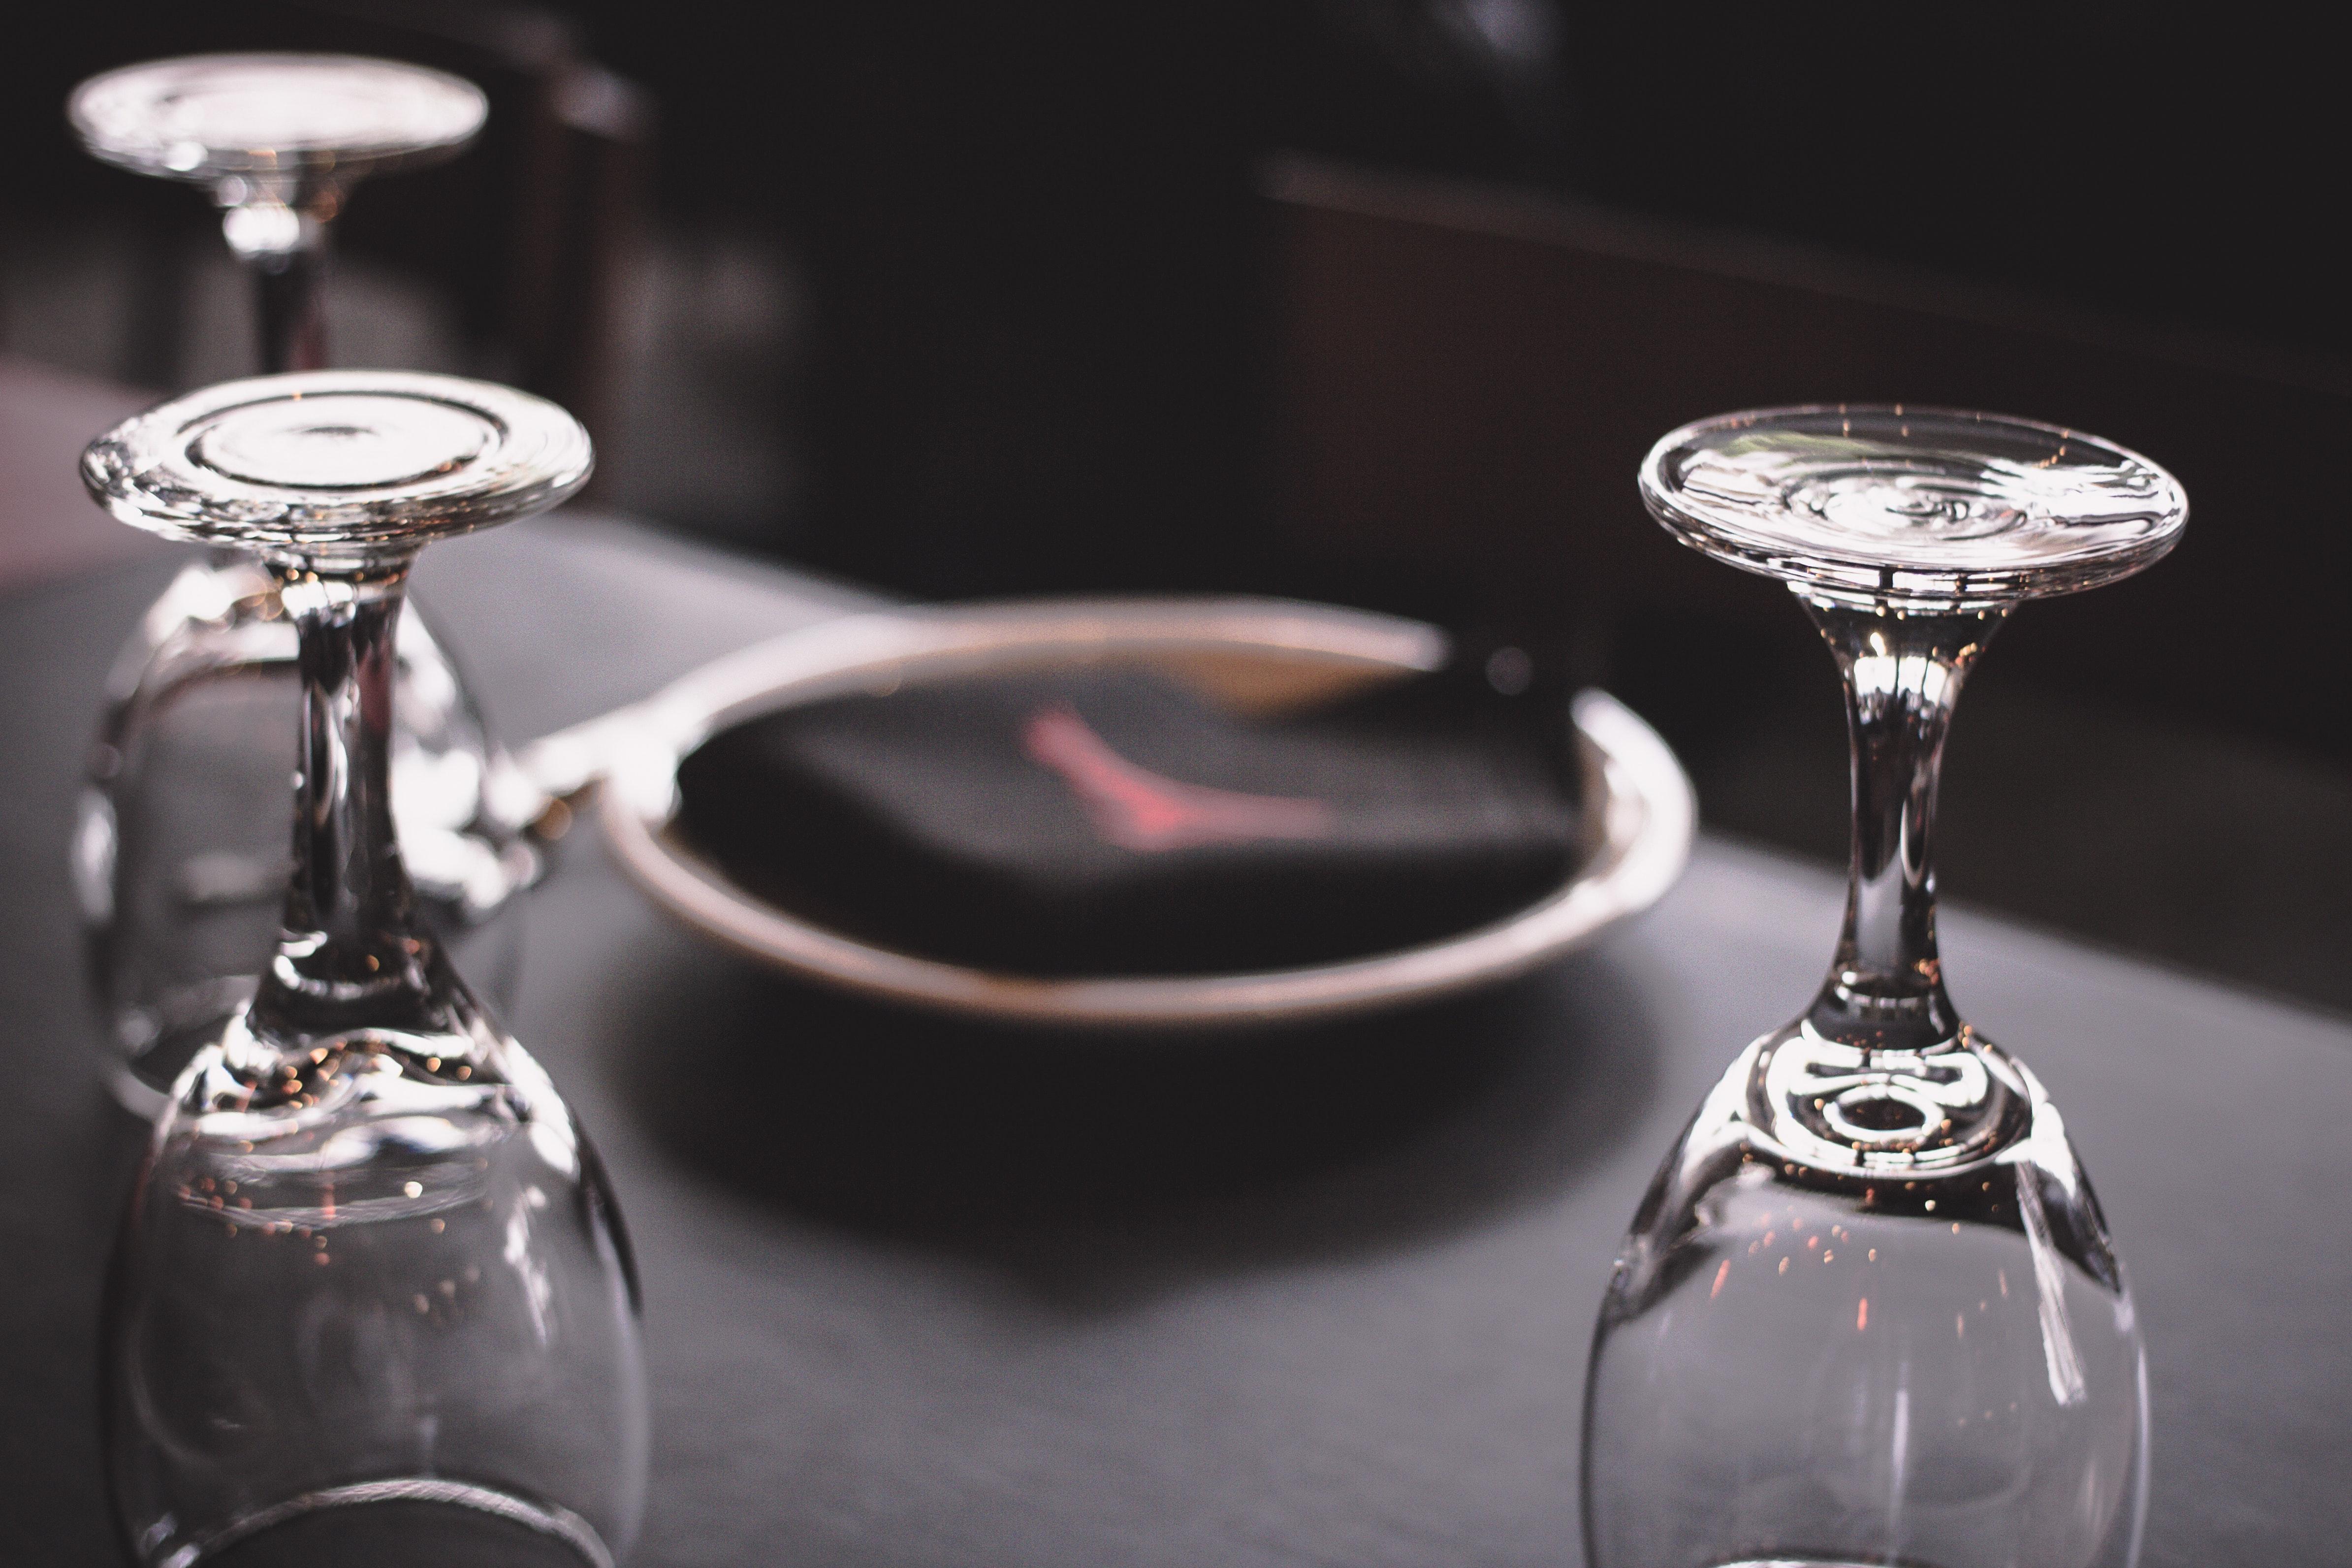 3056faf1a594 uskarp bakgrunn nærbilde krystall glass elementer briller innendørs  tallerken bord table setting